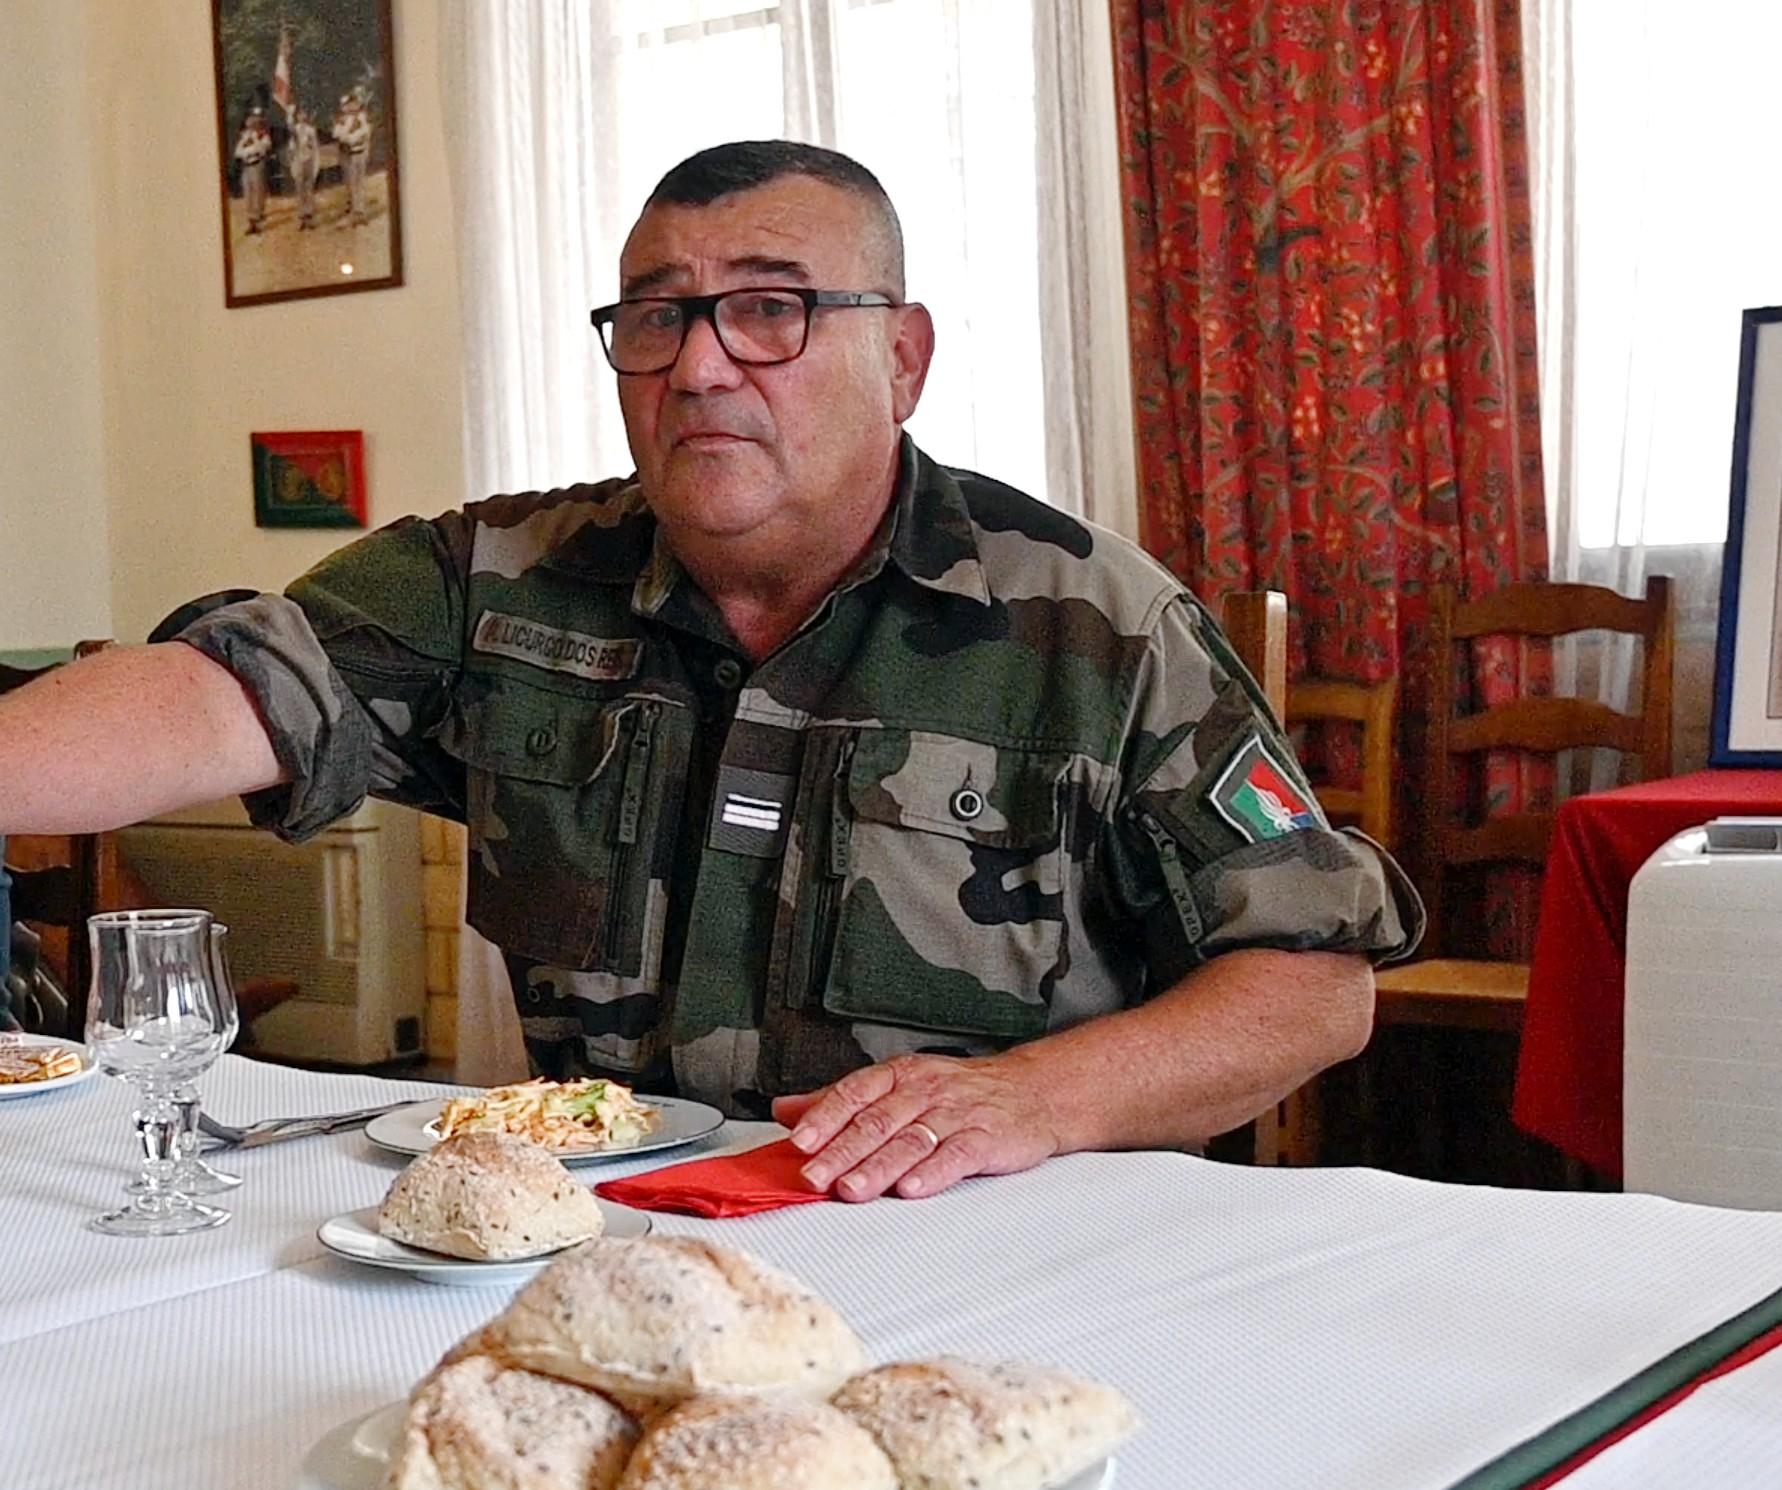 Le major Tony, chef des sous-officiers. Il quittera la Légion en 2022 fort de quarante ans de service.